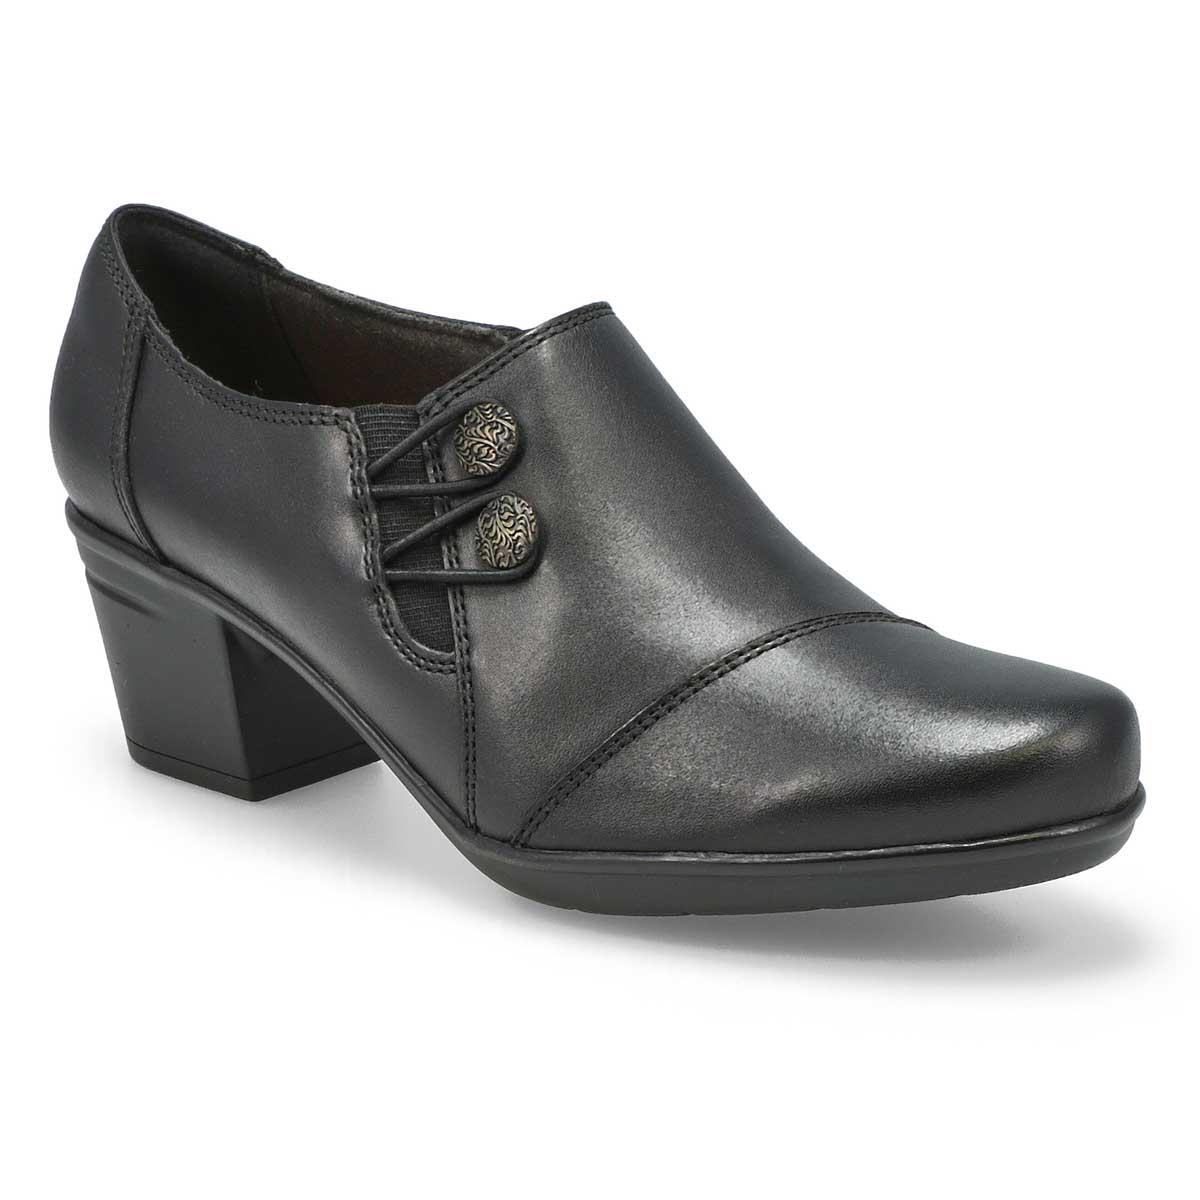 Lds Emslie Warren black dress heel